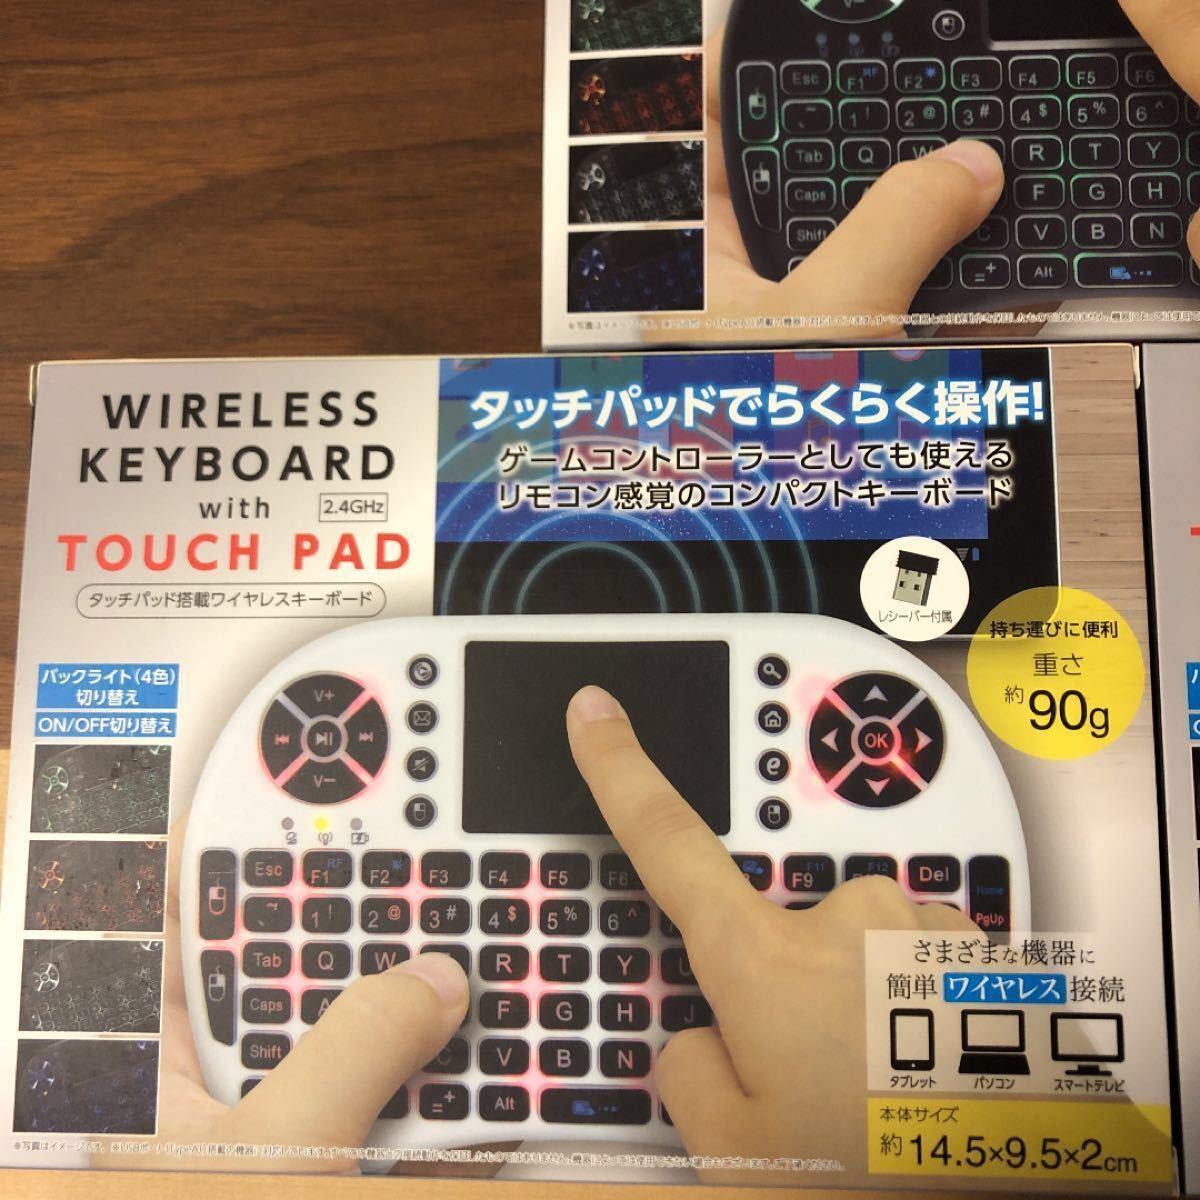 ワイヤレス キーボード タッチパッド